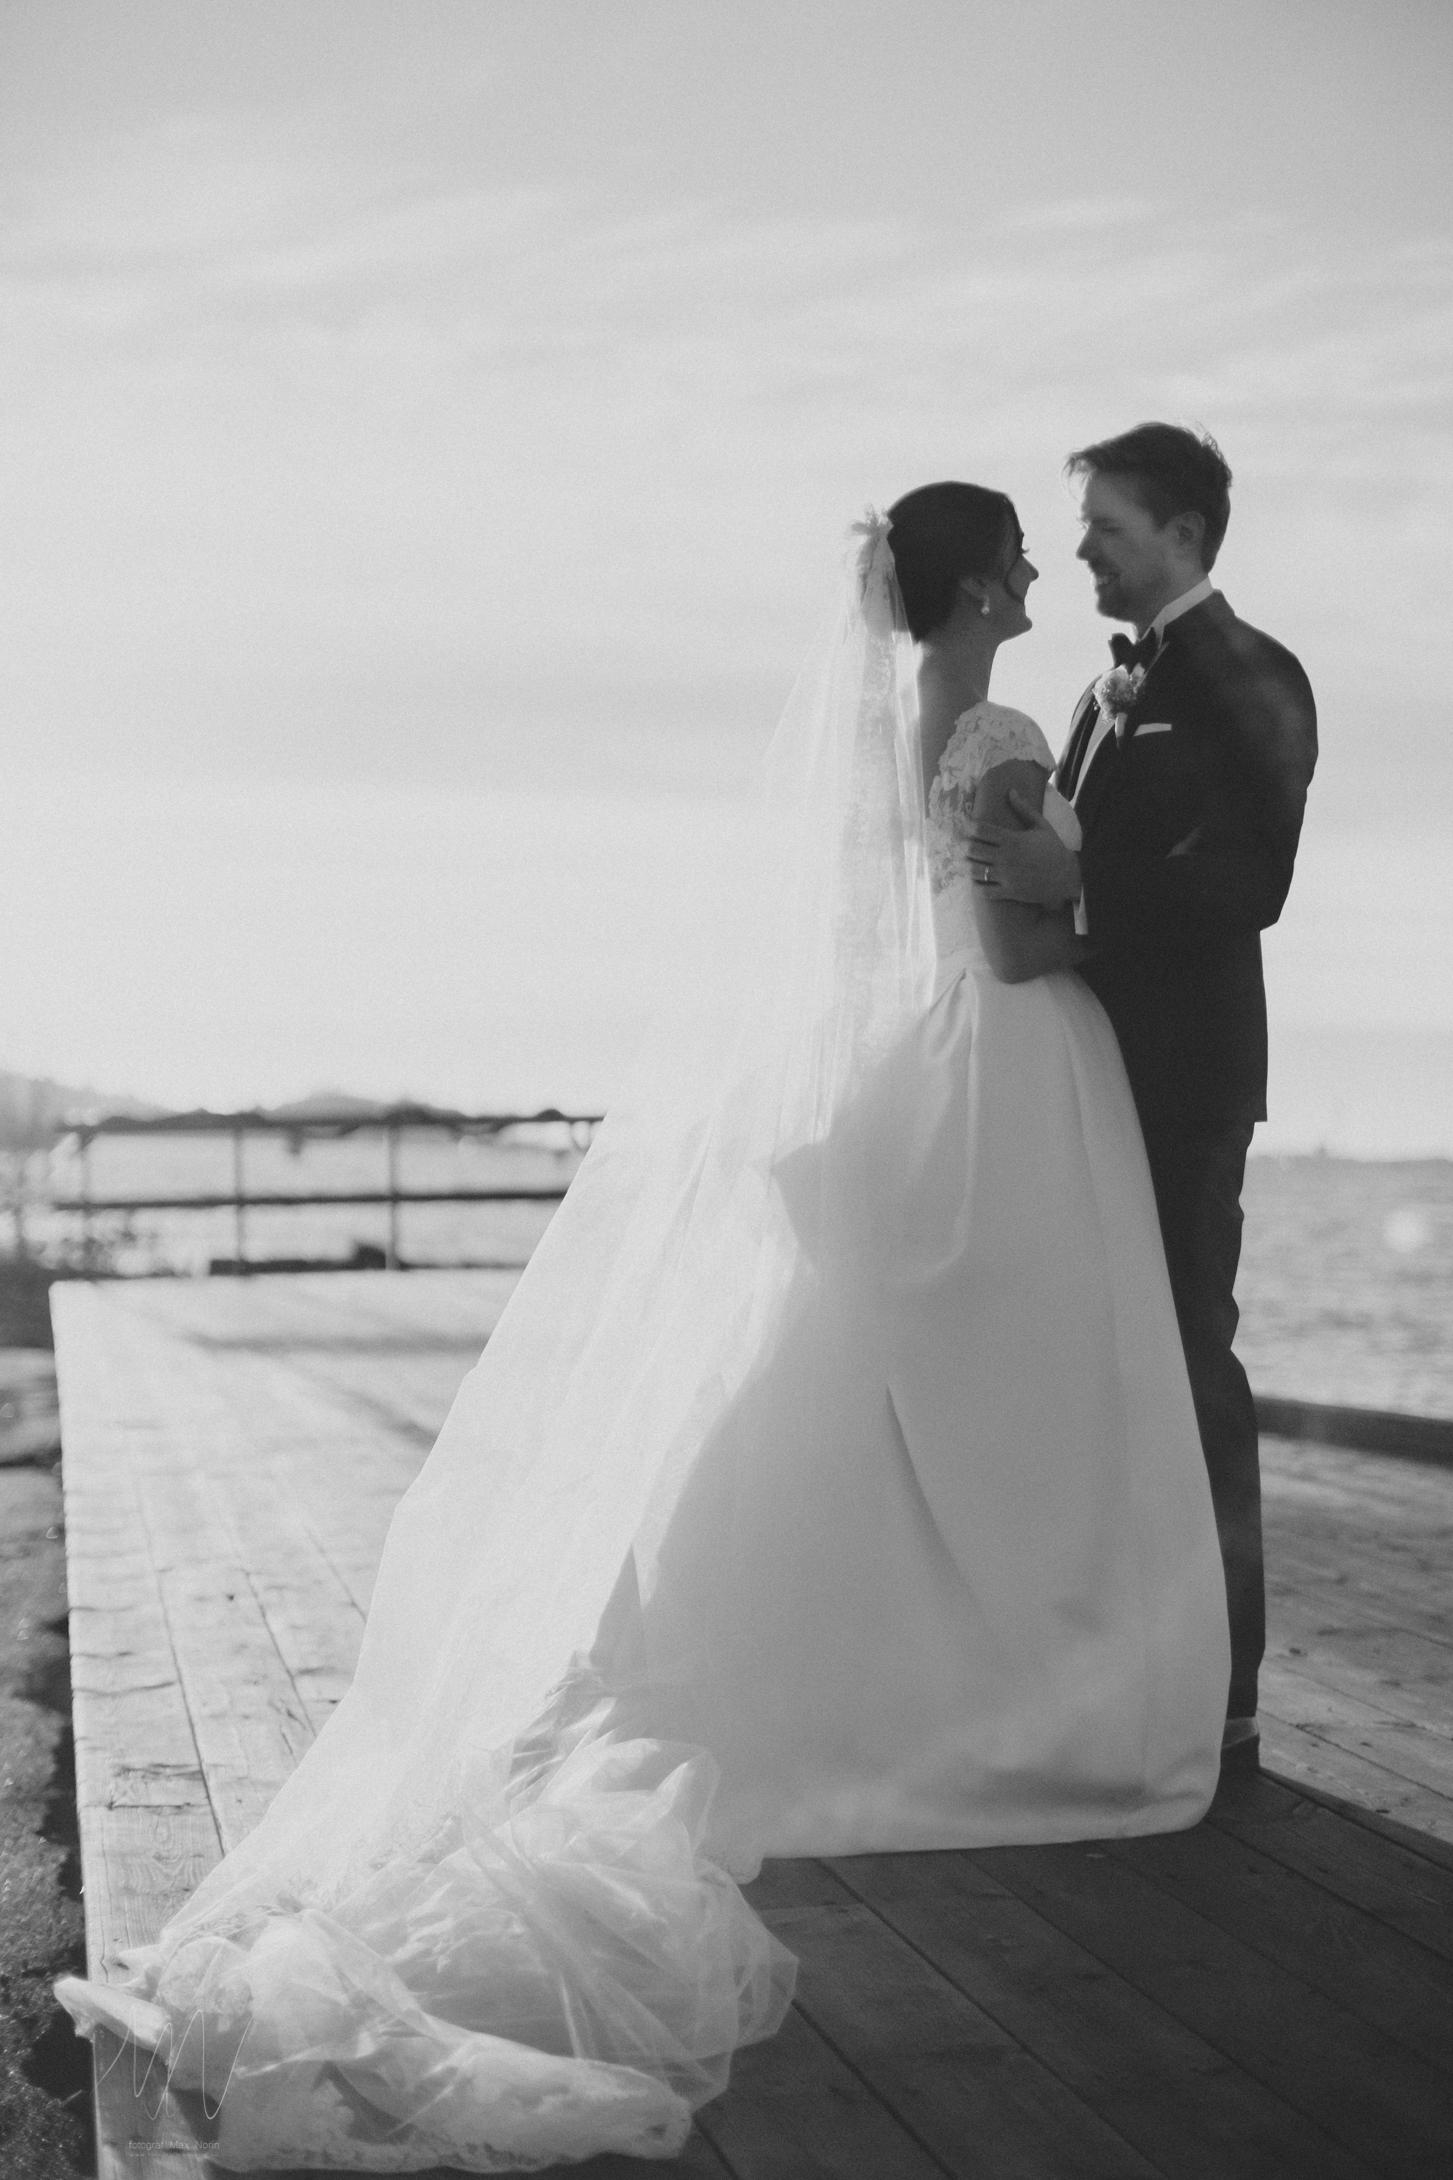 bröllopsfoto-fotograf-max-norin-238.jpg